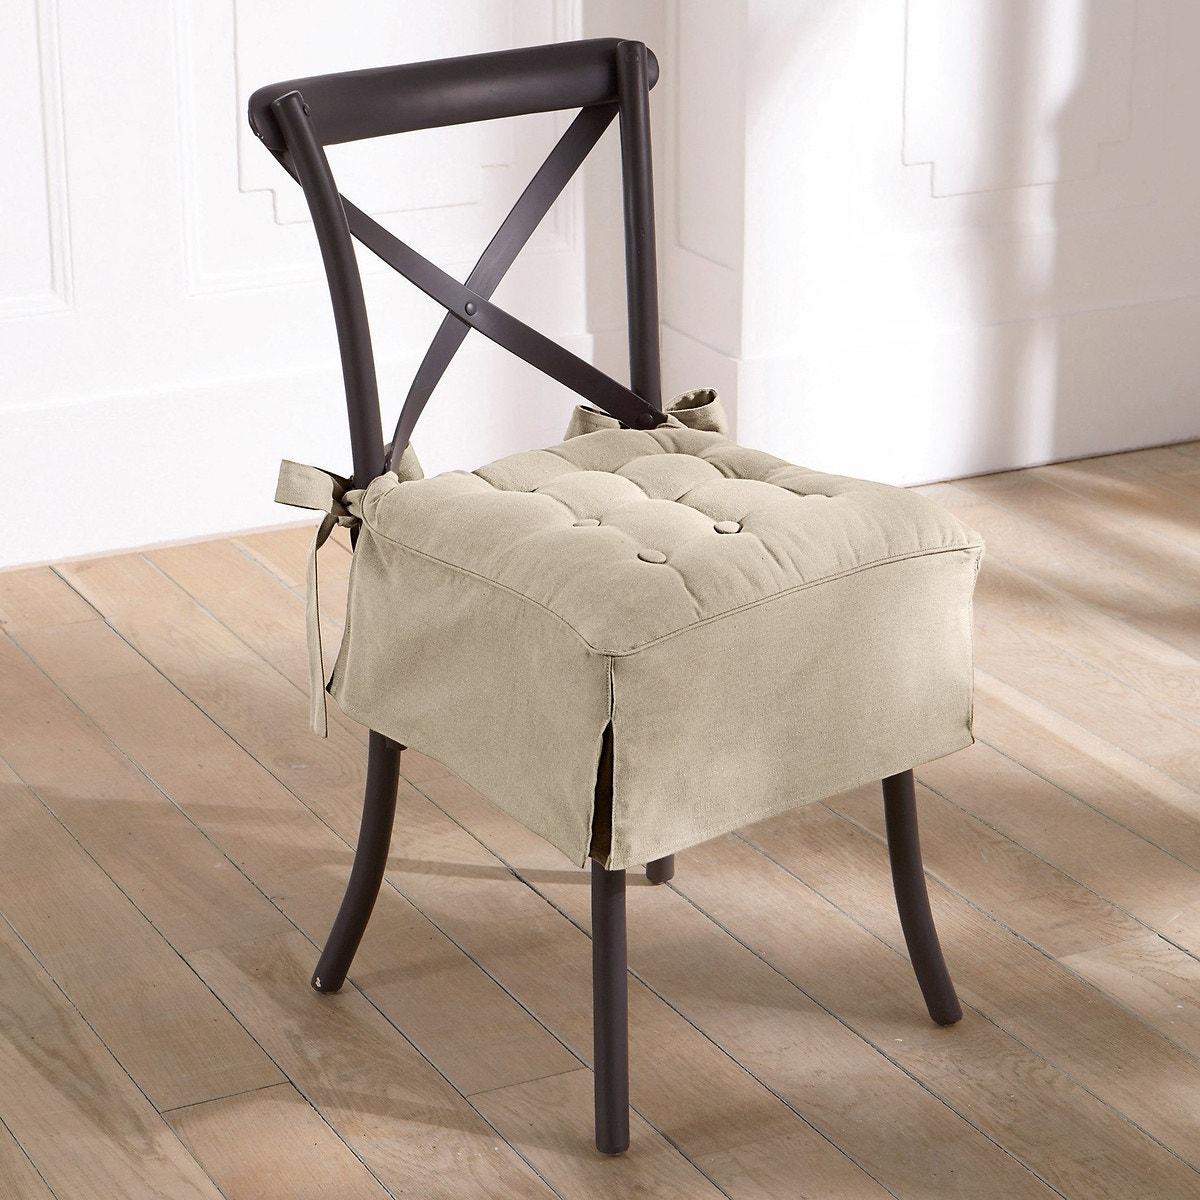 Κάλυμμα καρέκλας Jimi σπιτι   διακόσμηση   μαξιλάρια   μαξιλαροθήκες